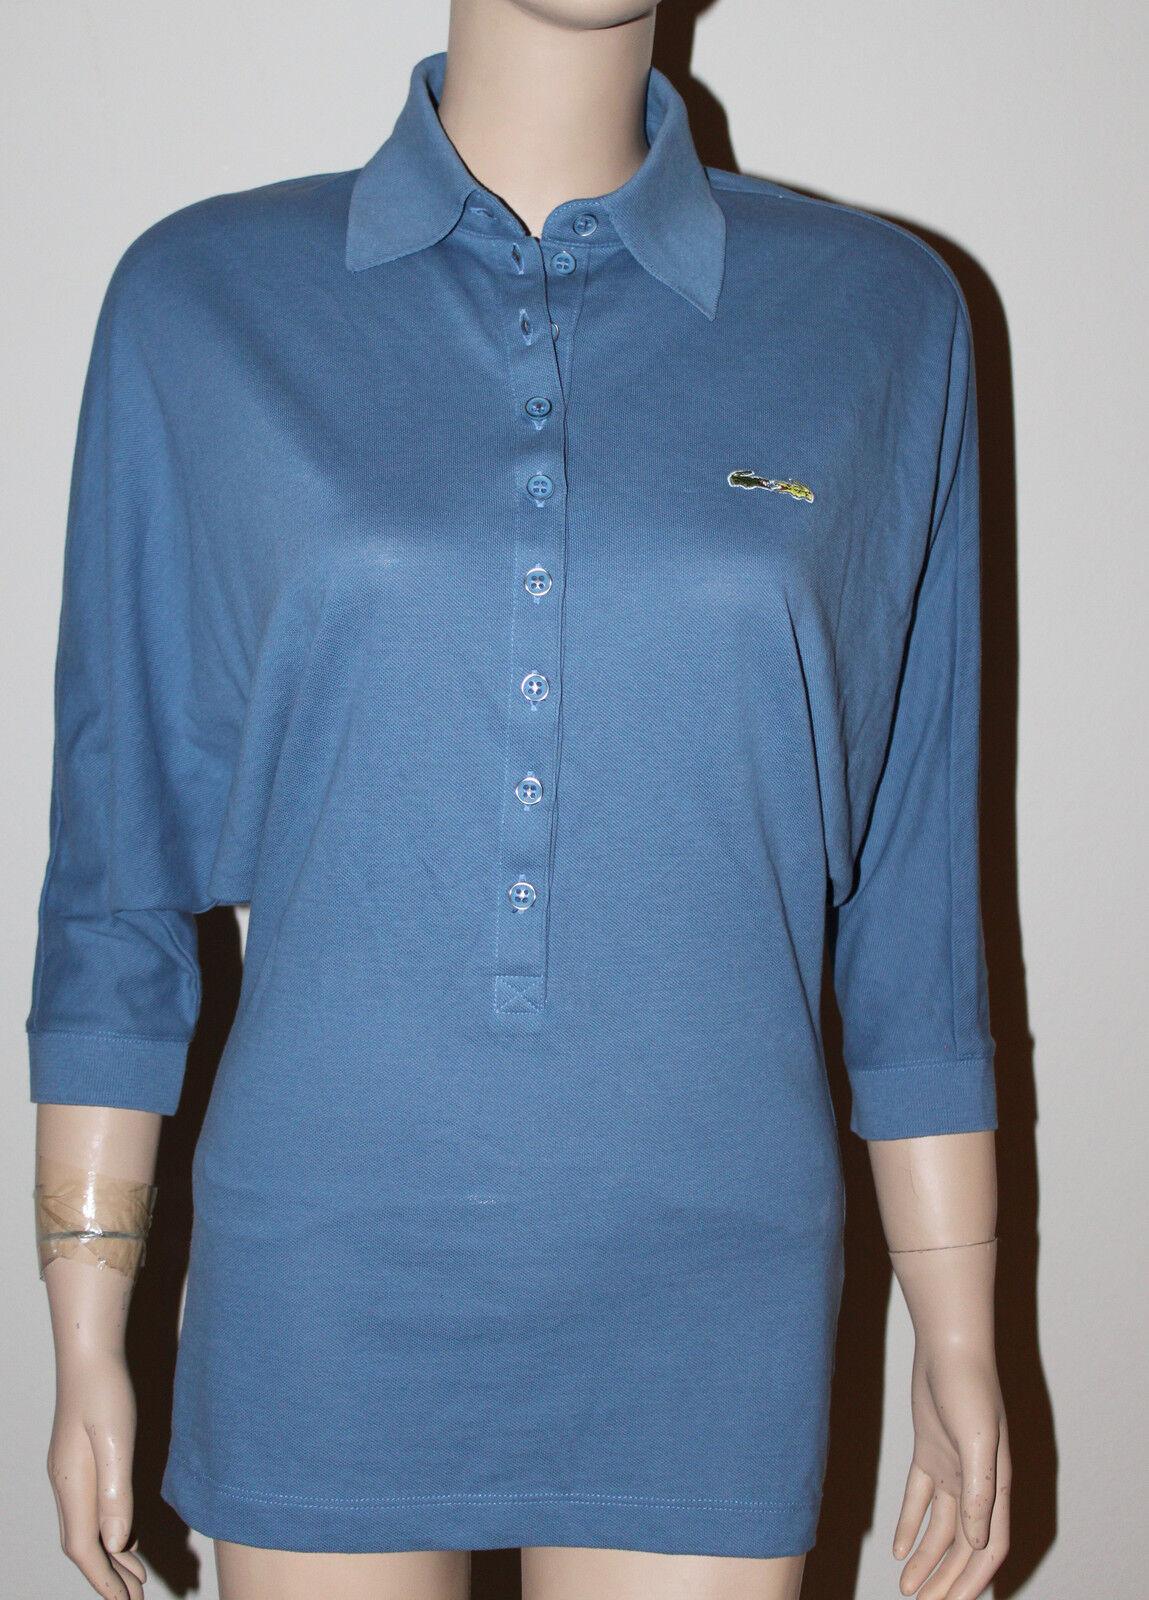 AUTH  Lacoste+Malandrino damen Blau Cool Polo XS